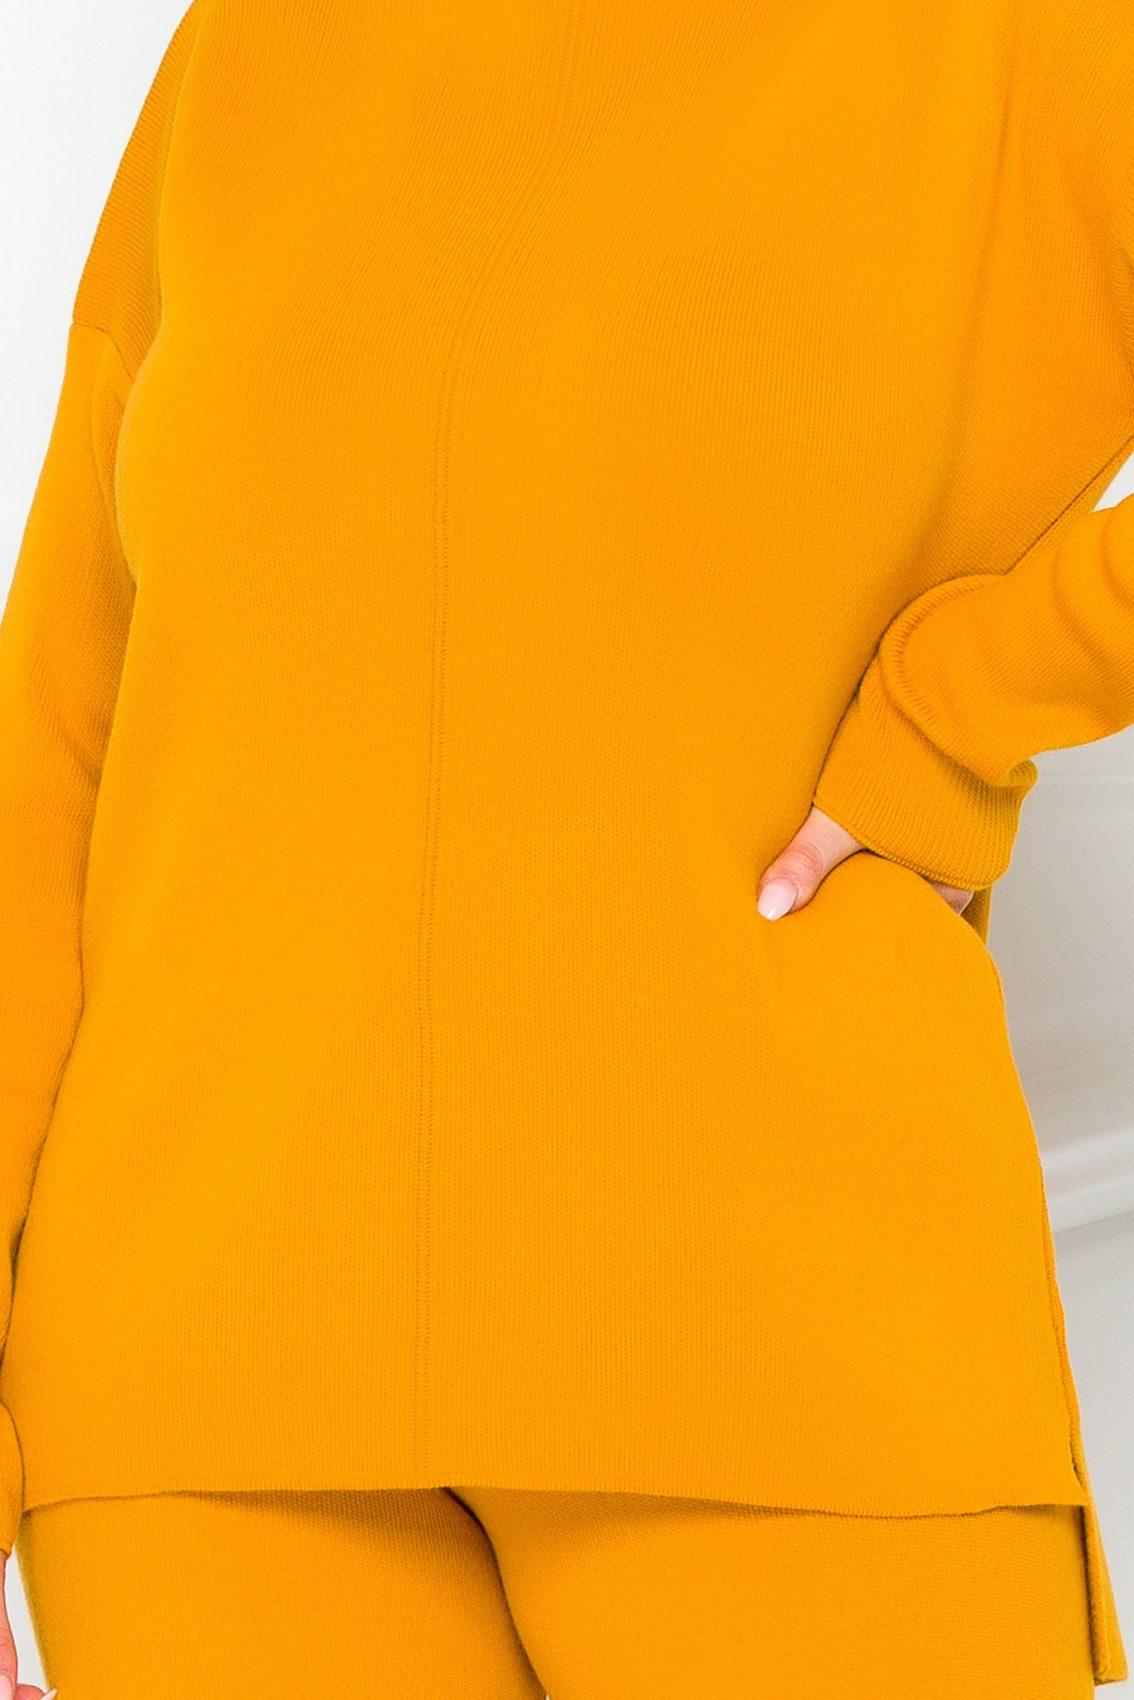 Κίτρινο Πλεκτό Σετ Μπλούζα Με Παντελόνι Arabel 9219 2